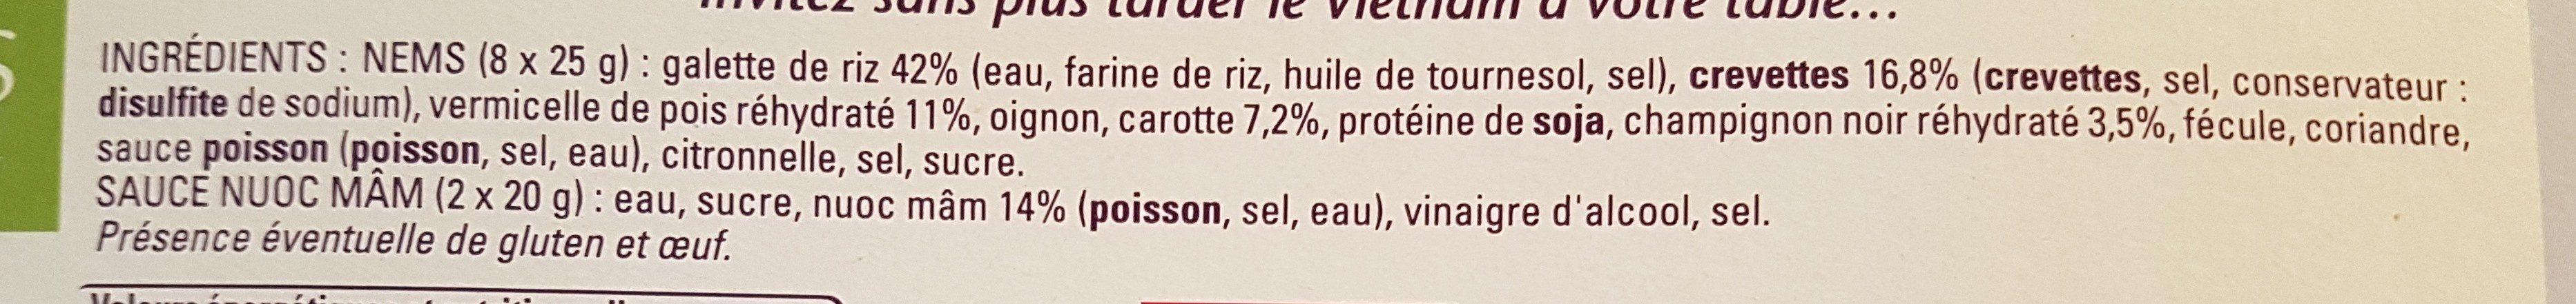 Nems crevettes - Ingrediënten